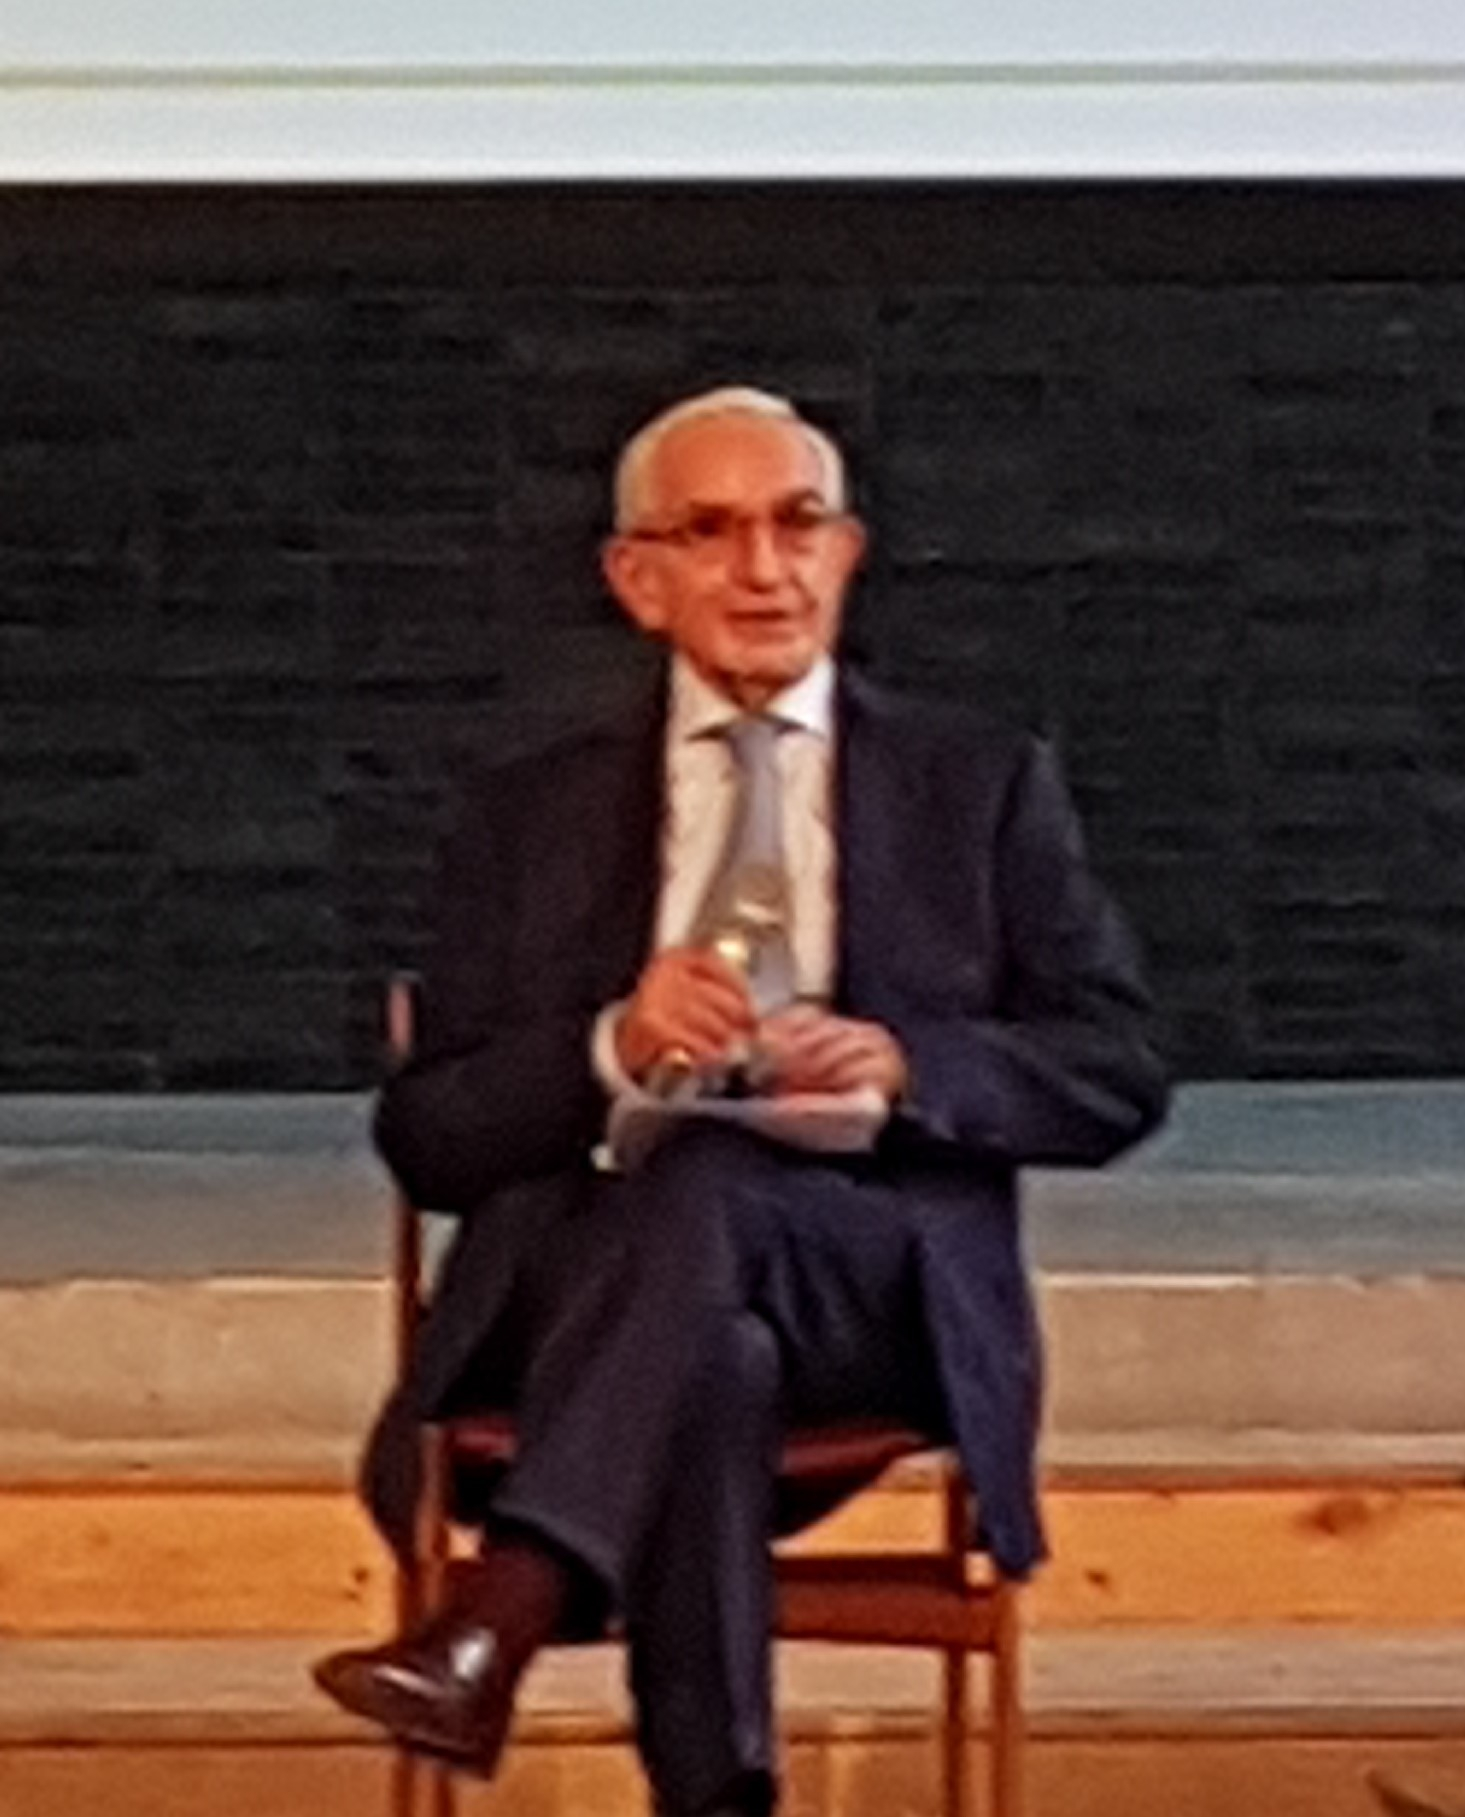 Giuseppe Guzzetti, Presidente di Fondazione Cariplo